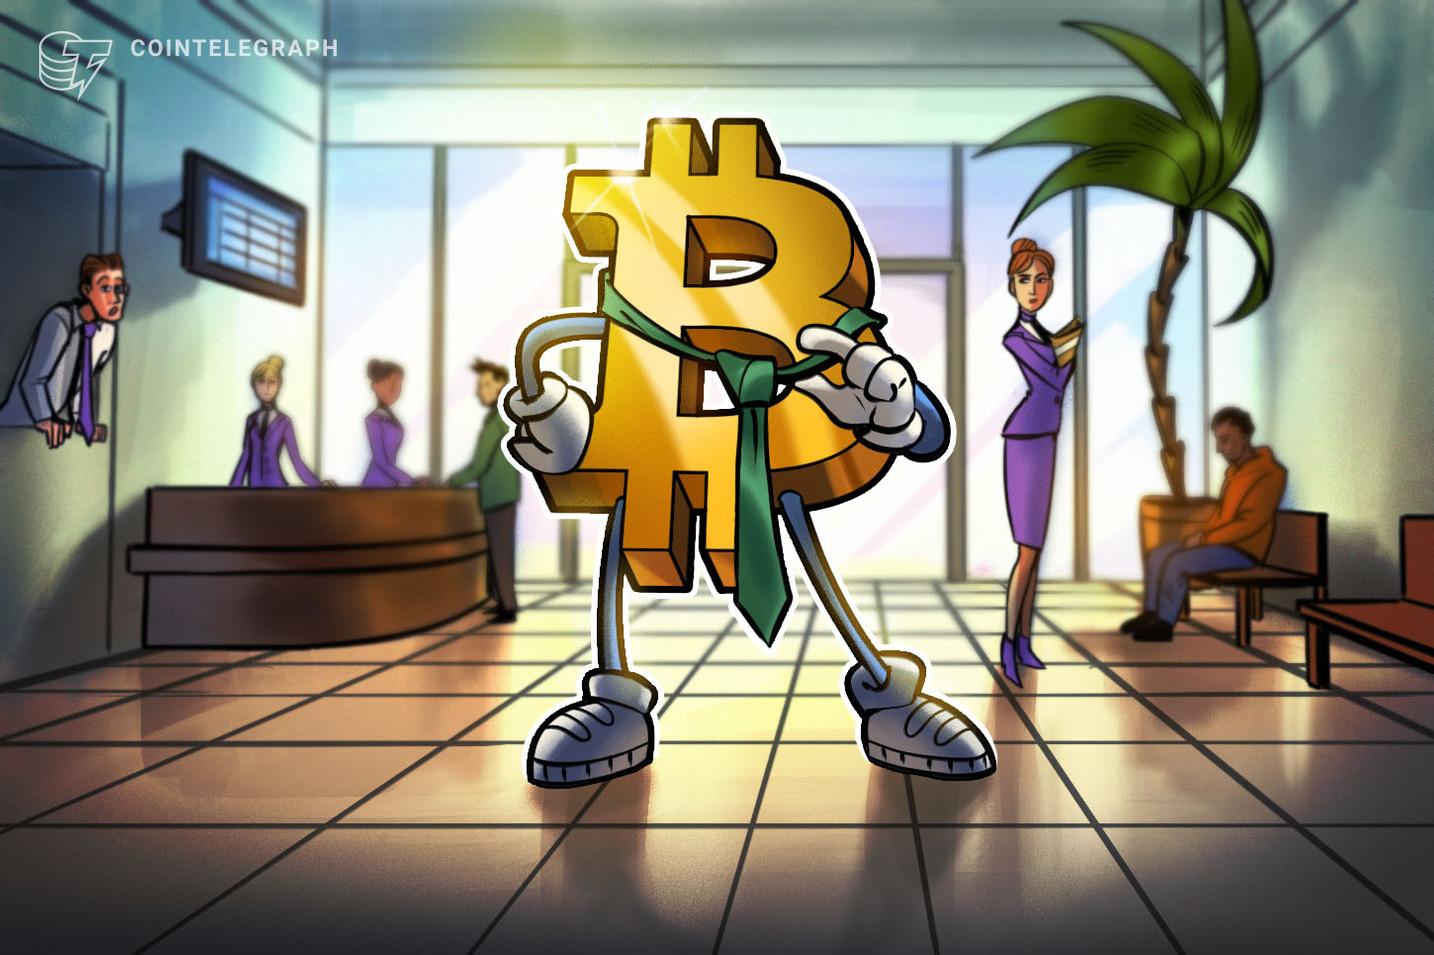 Bankalar Bitcoin'e gün geçtikçe daha fazla ilgi gösteriyor!